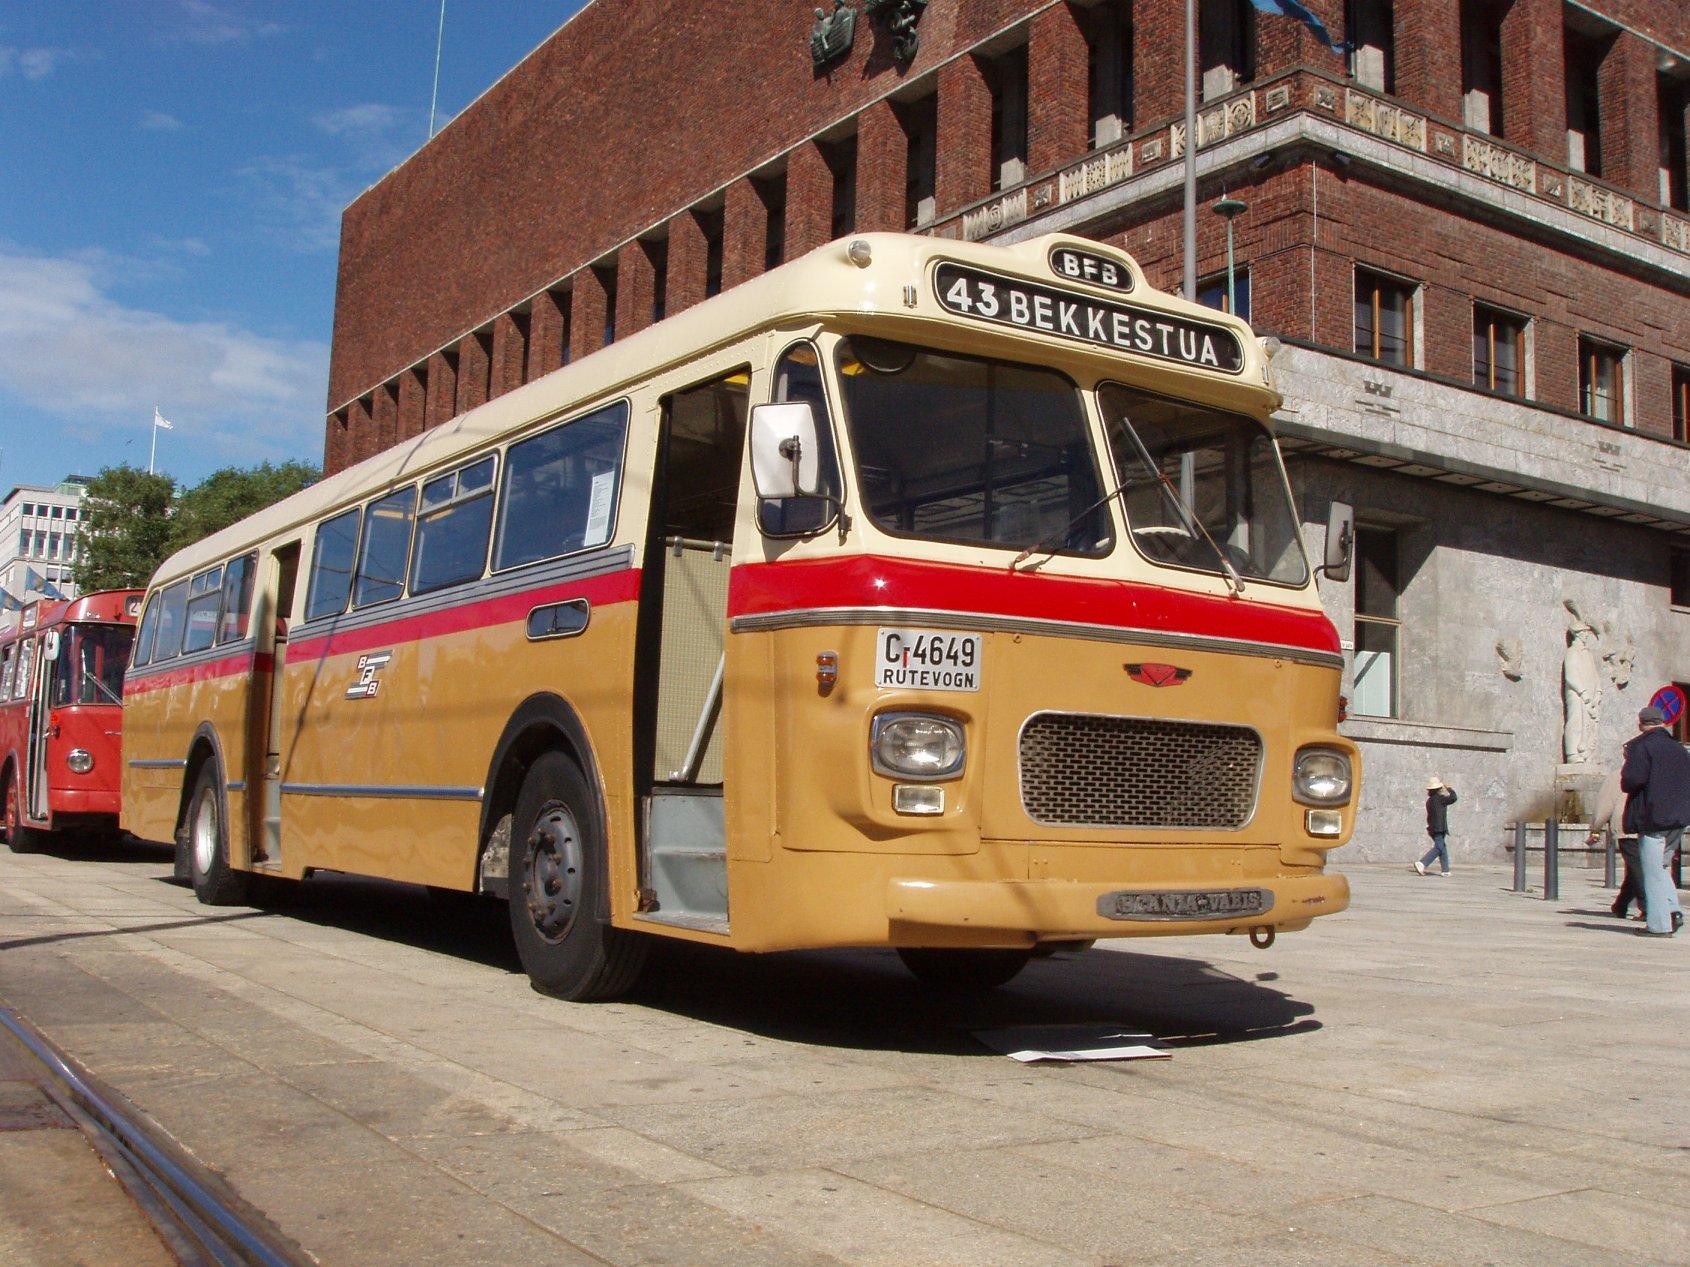 En god buss å kjøre er denne 1965 Scania-Vabis BF56.59 som opprinnelig gikk for Bærum Forende Bilruter. Utstyrt med en Scania D10 R21 motor på 165 hk, en presis girkasse og nydelig servostyring er den fortsatt godt brukbar i bytrafikk.